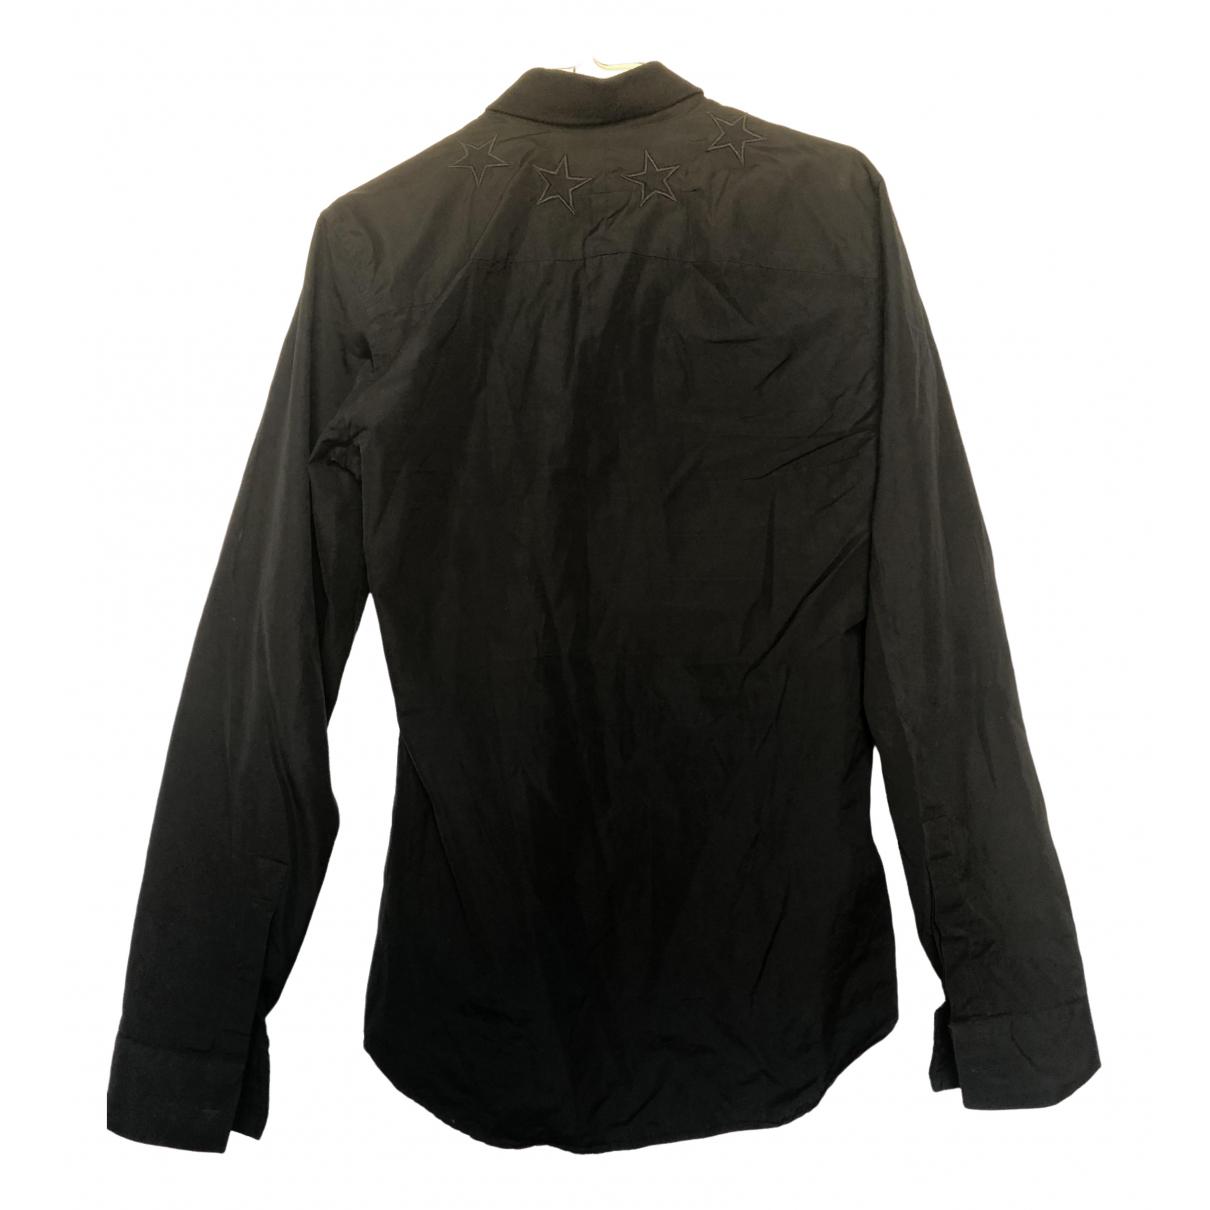 Givenchy \N Black Cotton Shirts for Men 37 EU (tour de cou / collar)